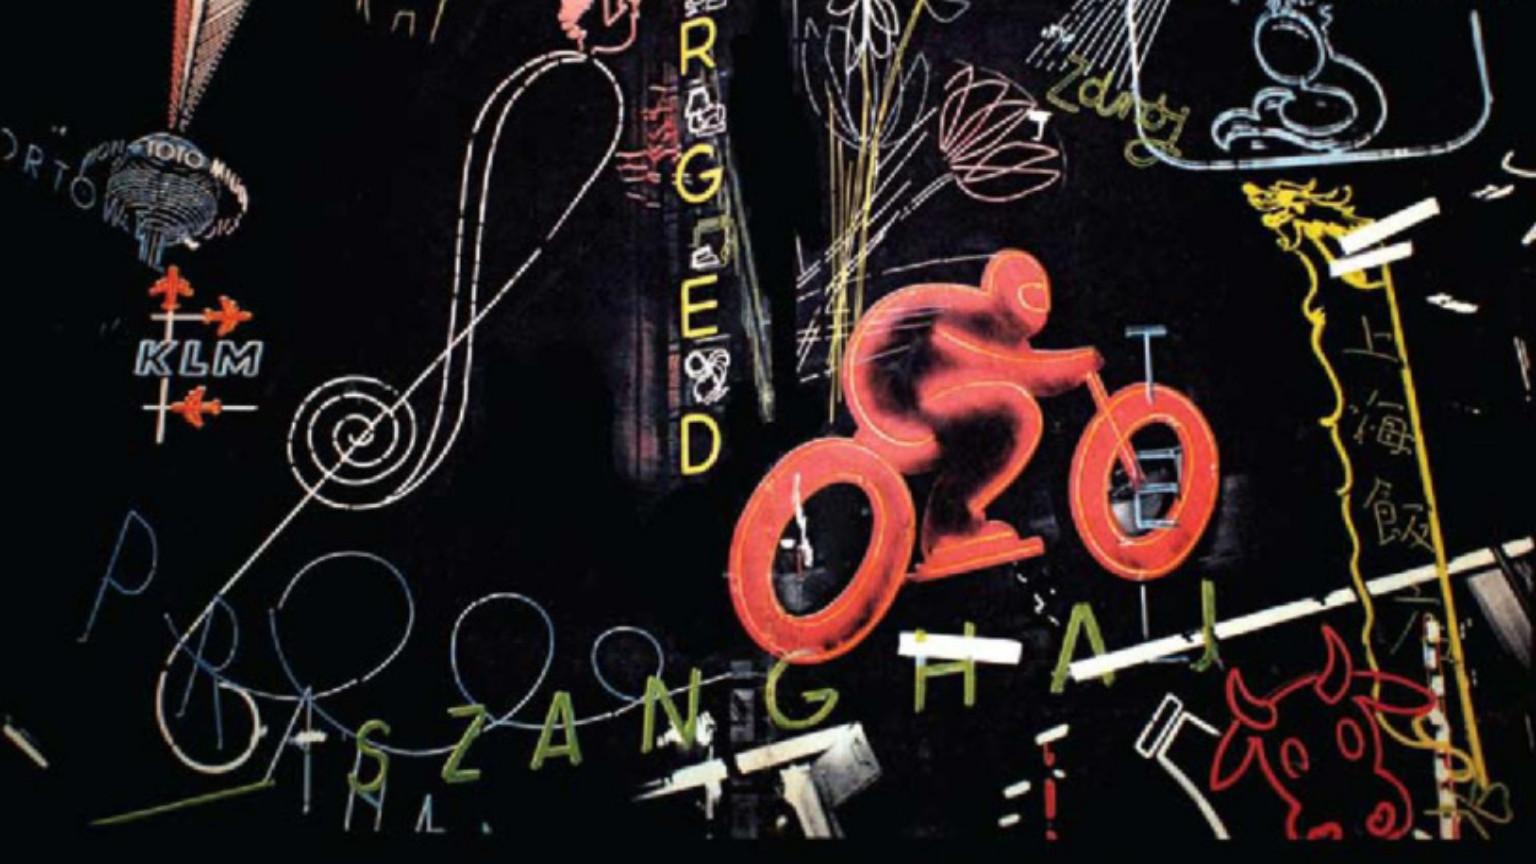 Zdjęcie dla kartki: Uruchomienie pierwszego neonu w powojennej Warszawie